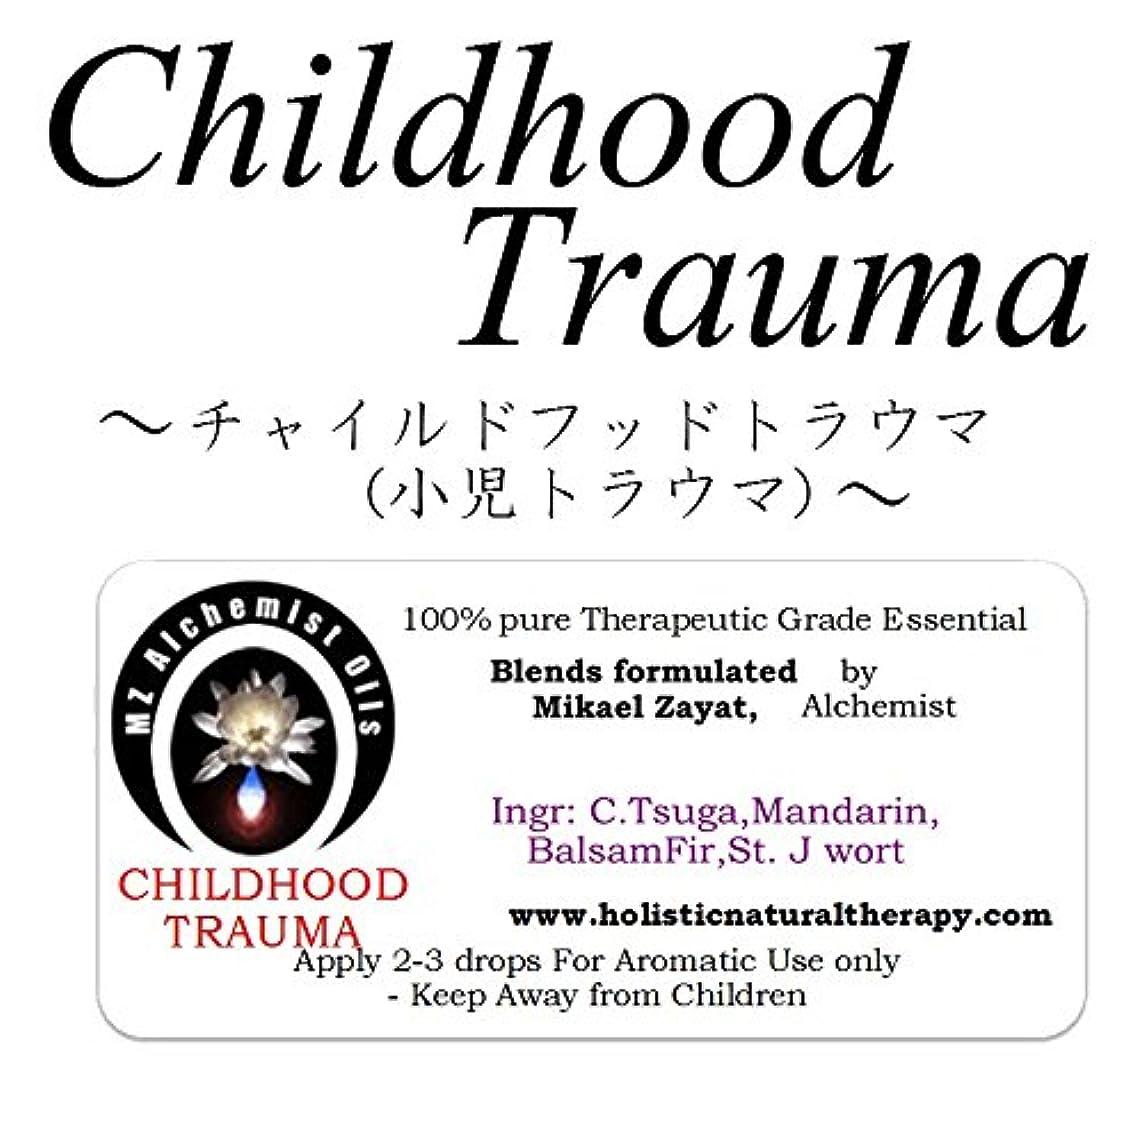 ウガンダ彫刻憎しみミカエルザヤットアルケミストオイル セラピストグレードアロマオイル Childhood Trauma-チャイルドフット?トラウマ(小児トラウマ)- 4ml